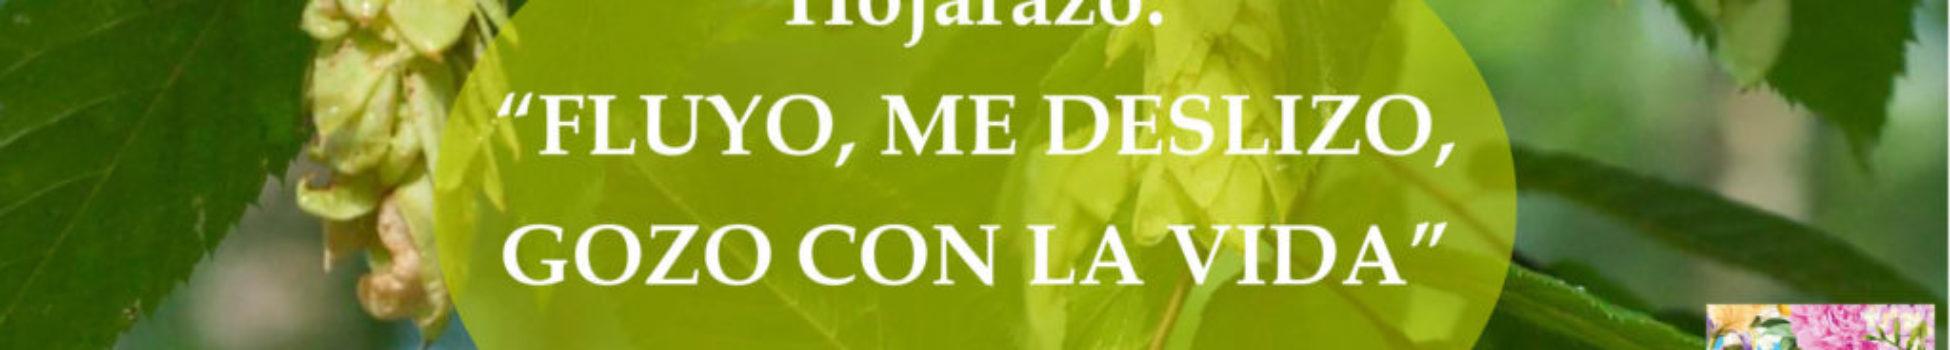 Afirmación positiva de Luz Pura Floral. Hojarazo- Ánimo